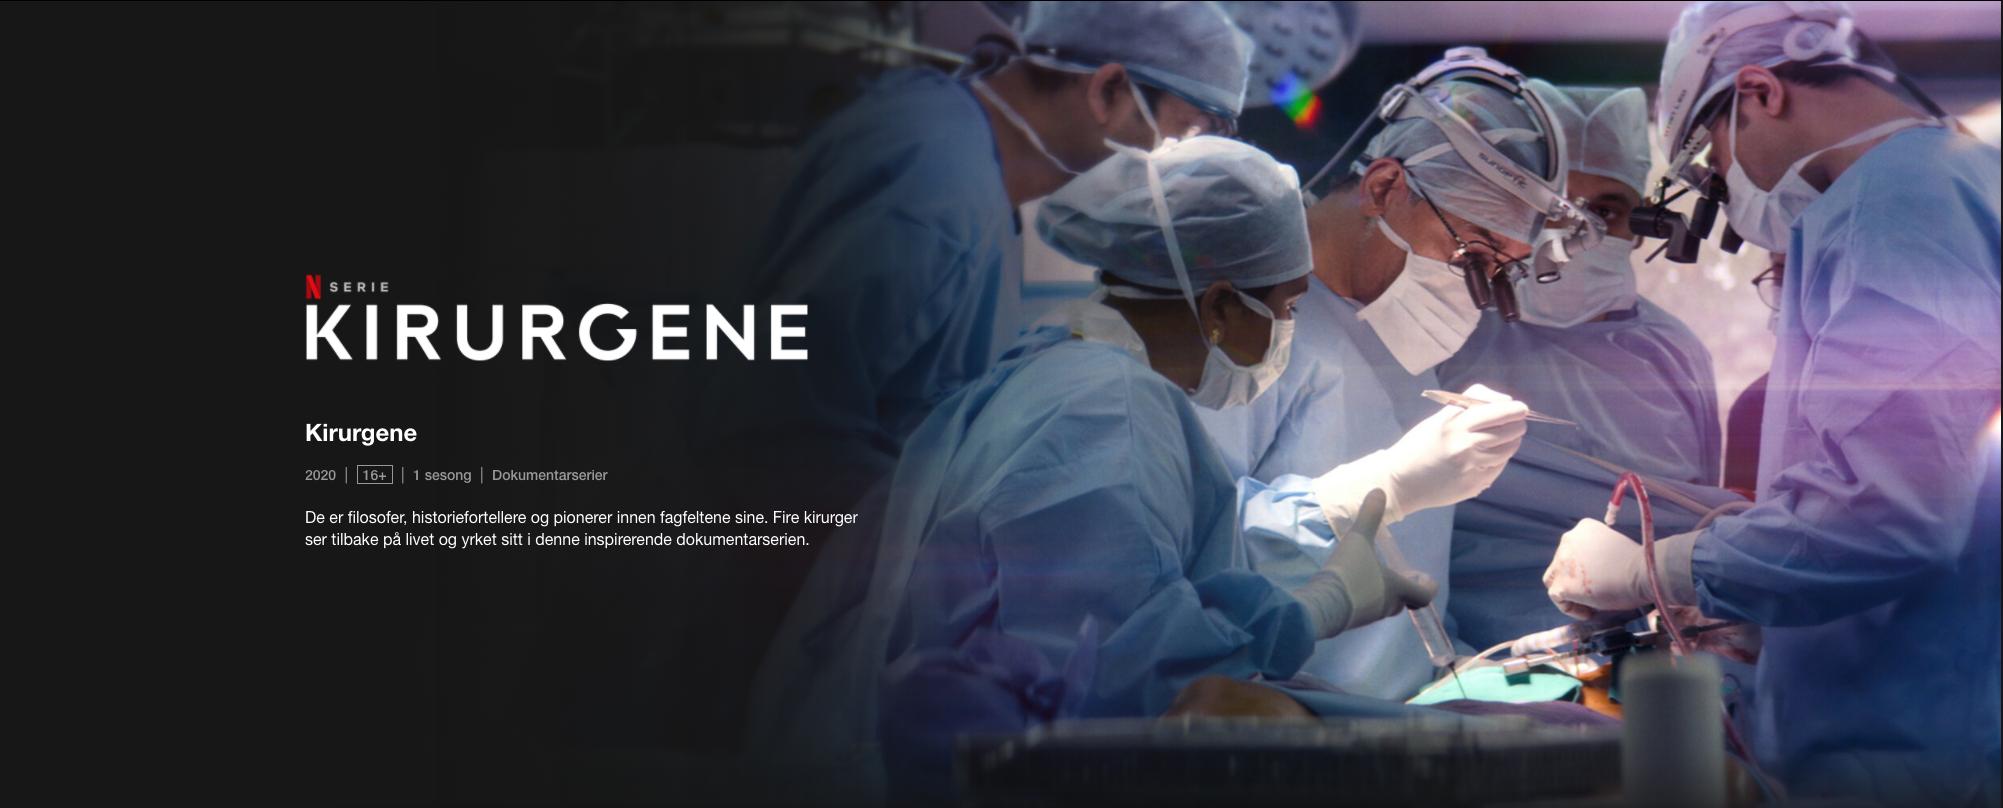 bilde-fra-netflix-dokumentar-kirurgene